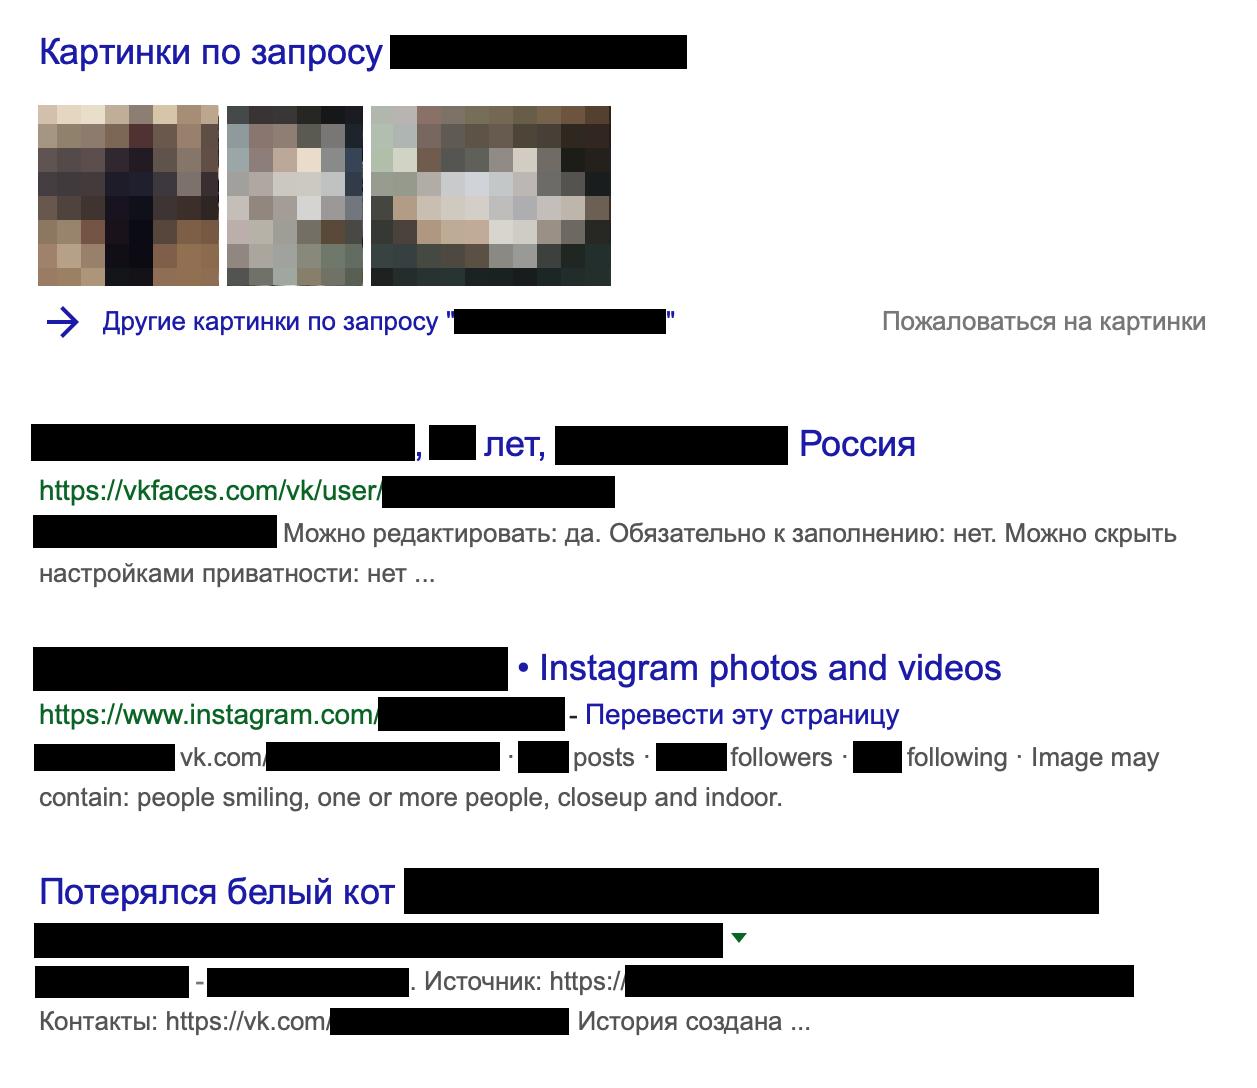 Среди результатов поиска — профиль в Инстаграме